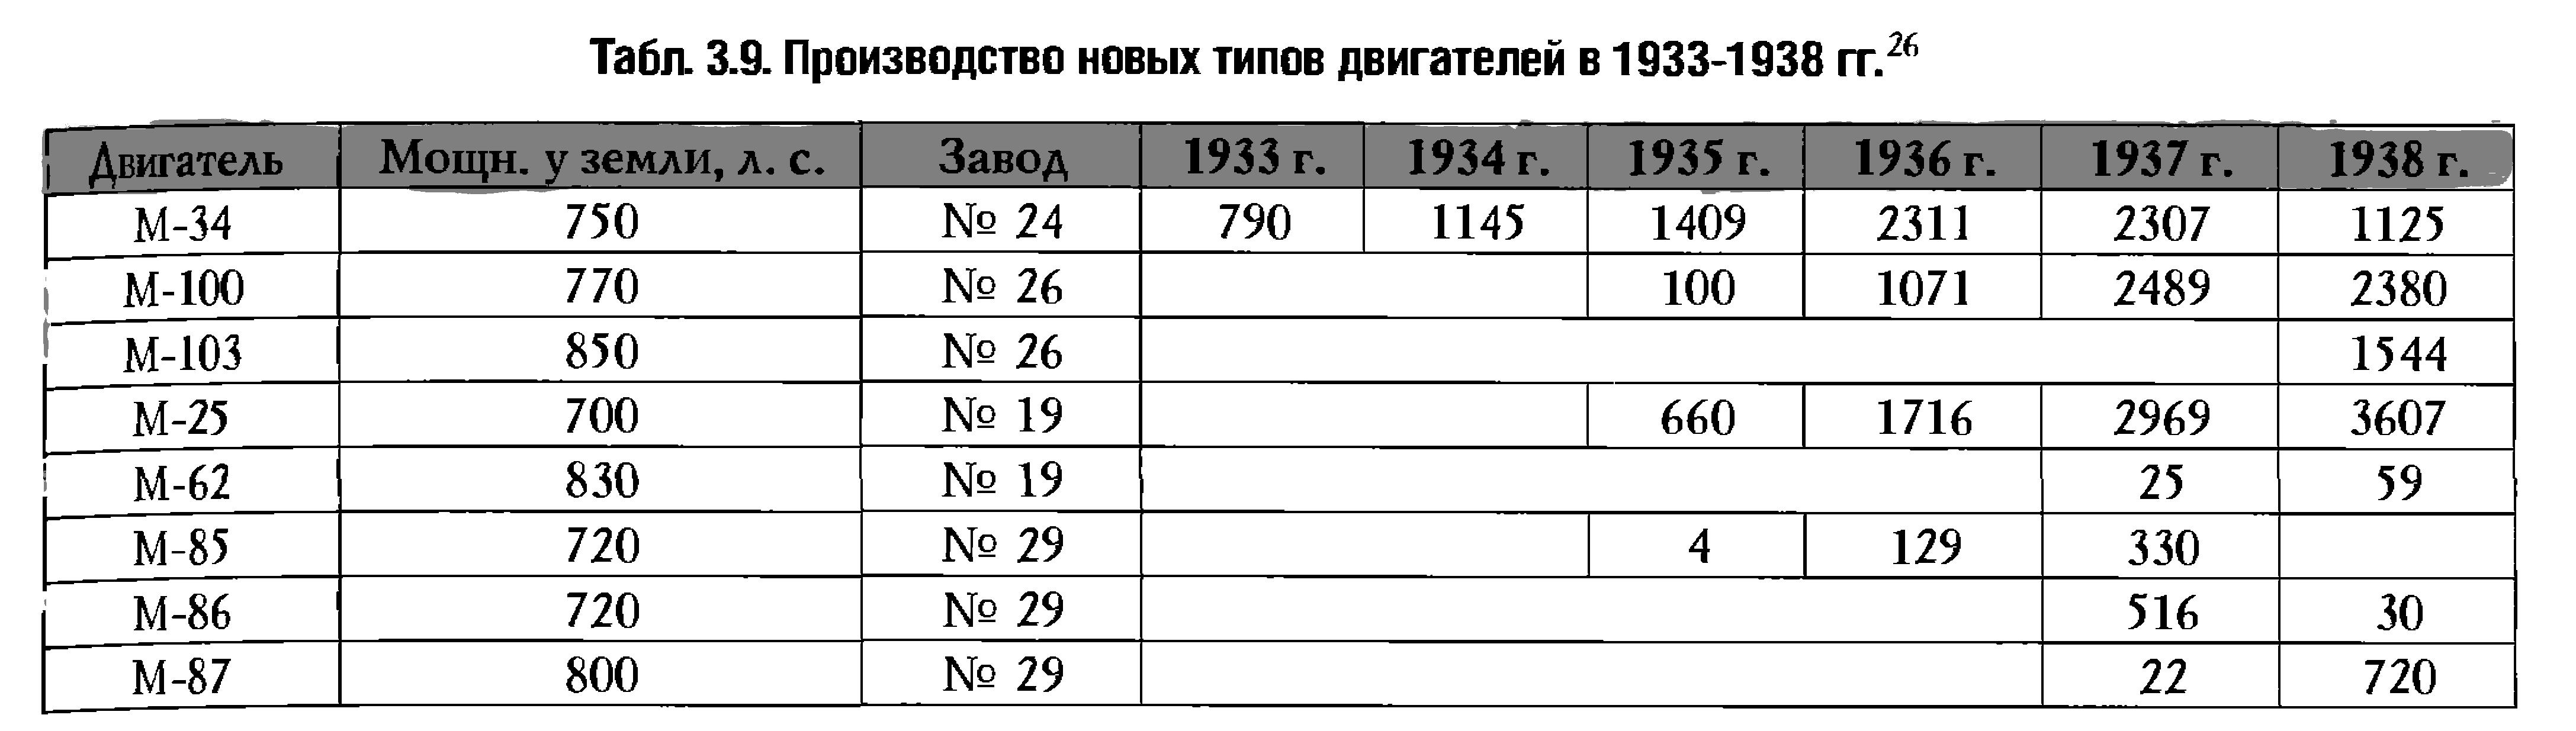 04-3165666-proizvodstvo-novykh-tipov-avi